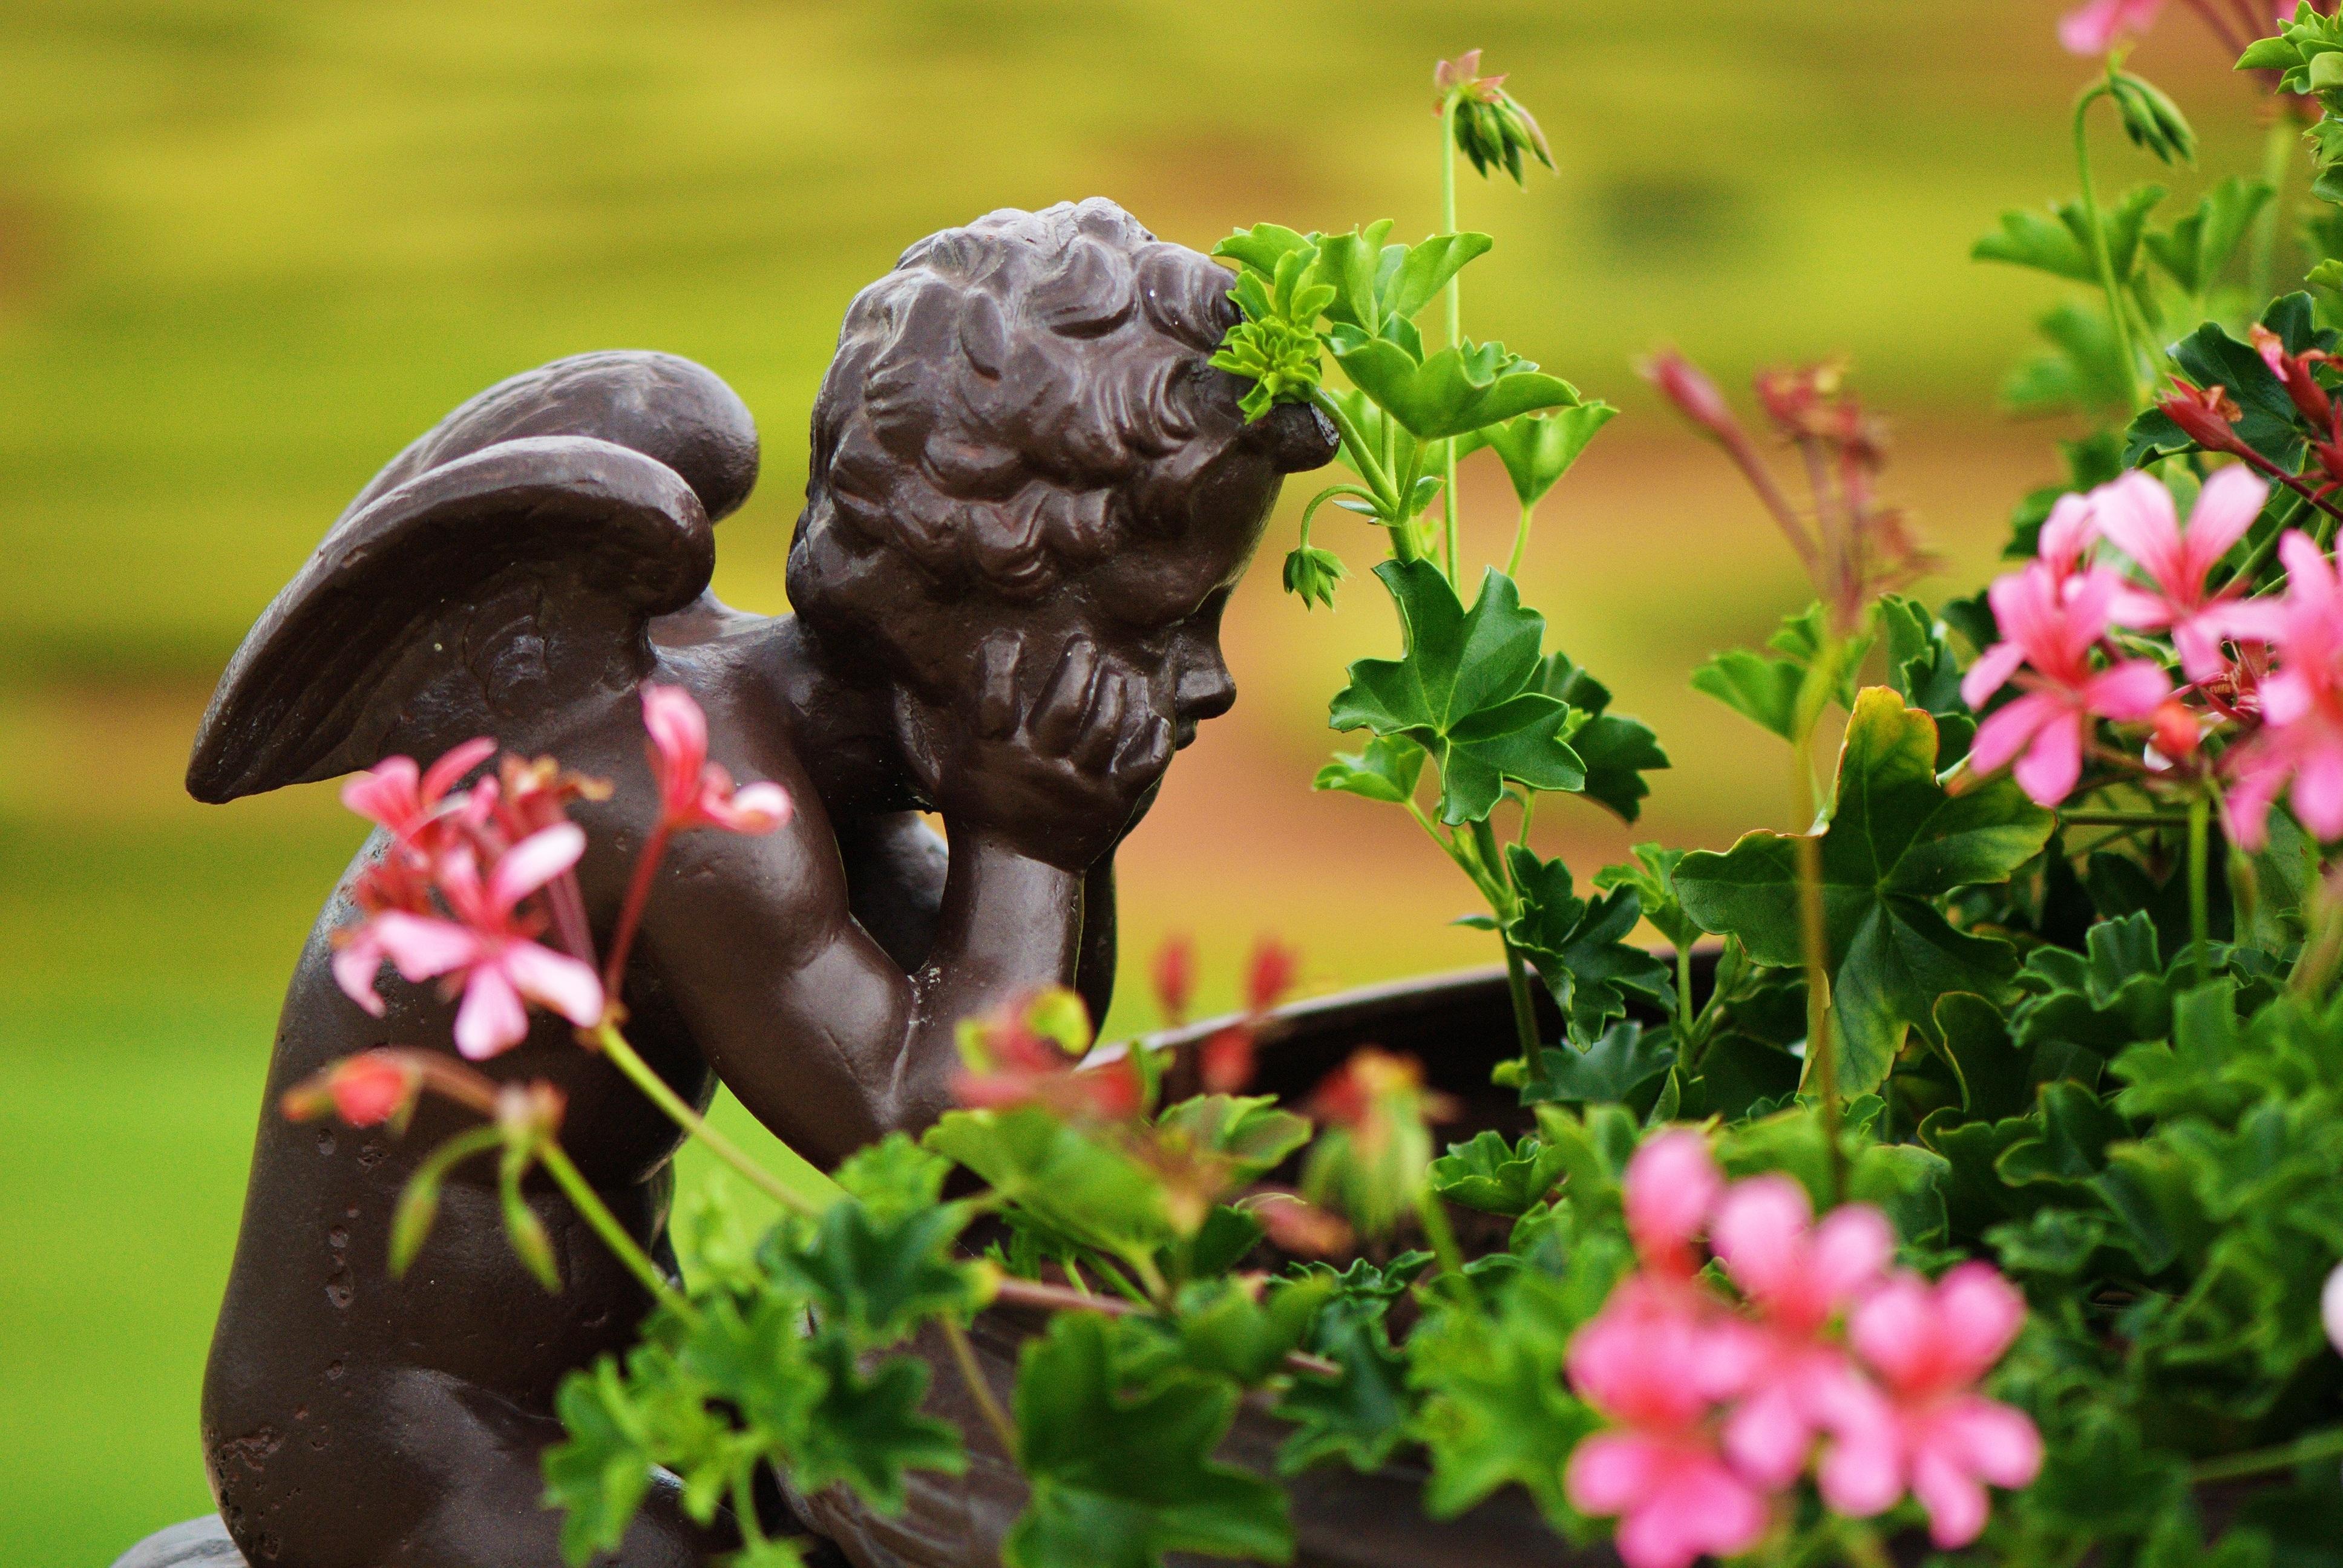 Banco de imagens plantar gramado flor pensando for Il mio piccolo mondo segreto buongiorno